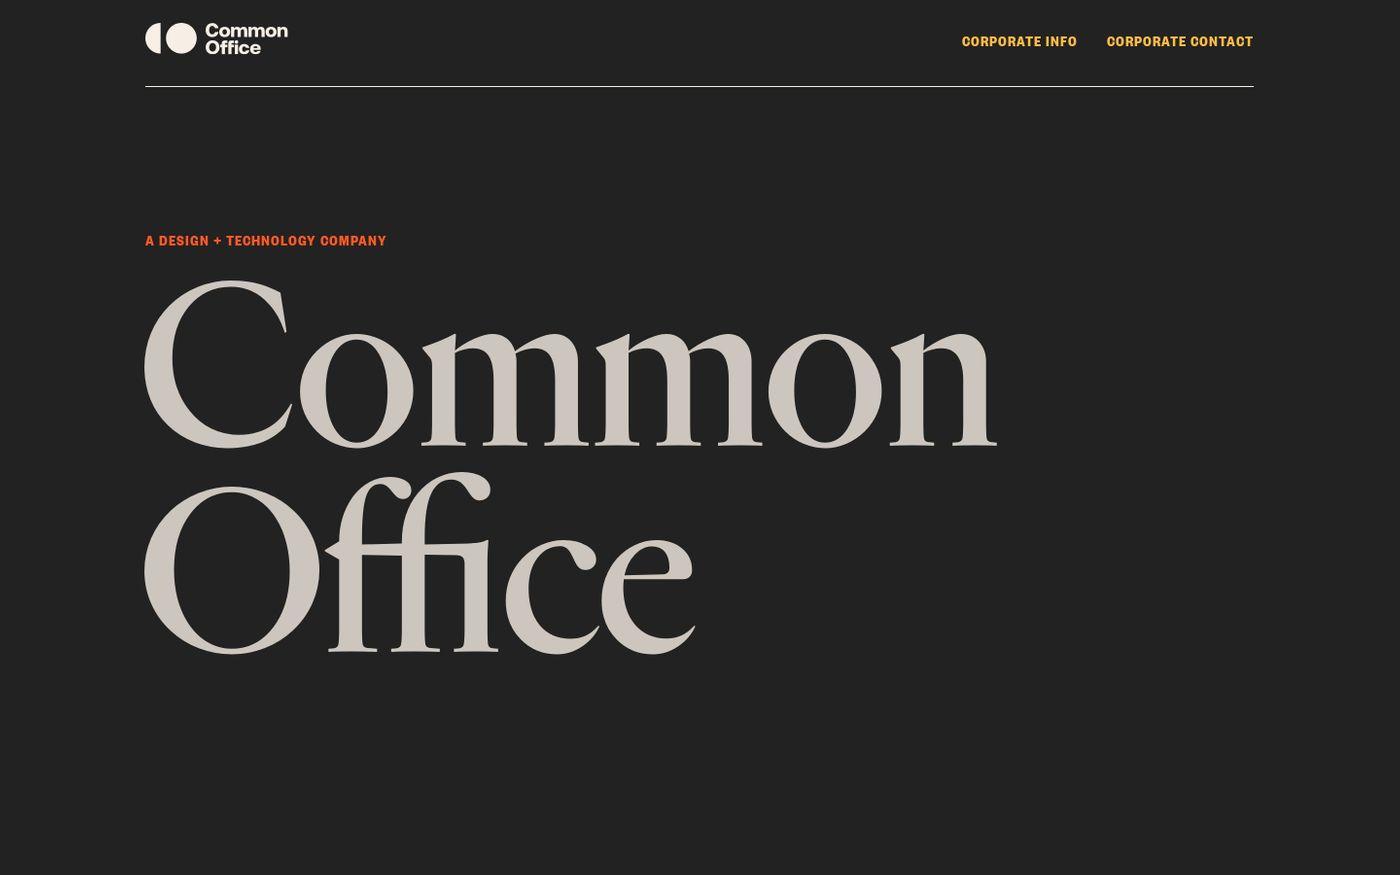 Screenshot of Common Office website